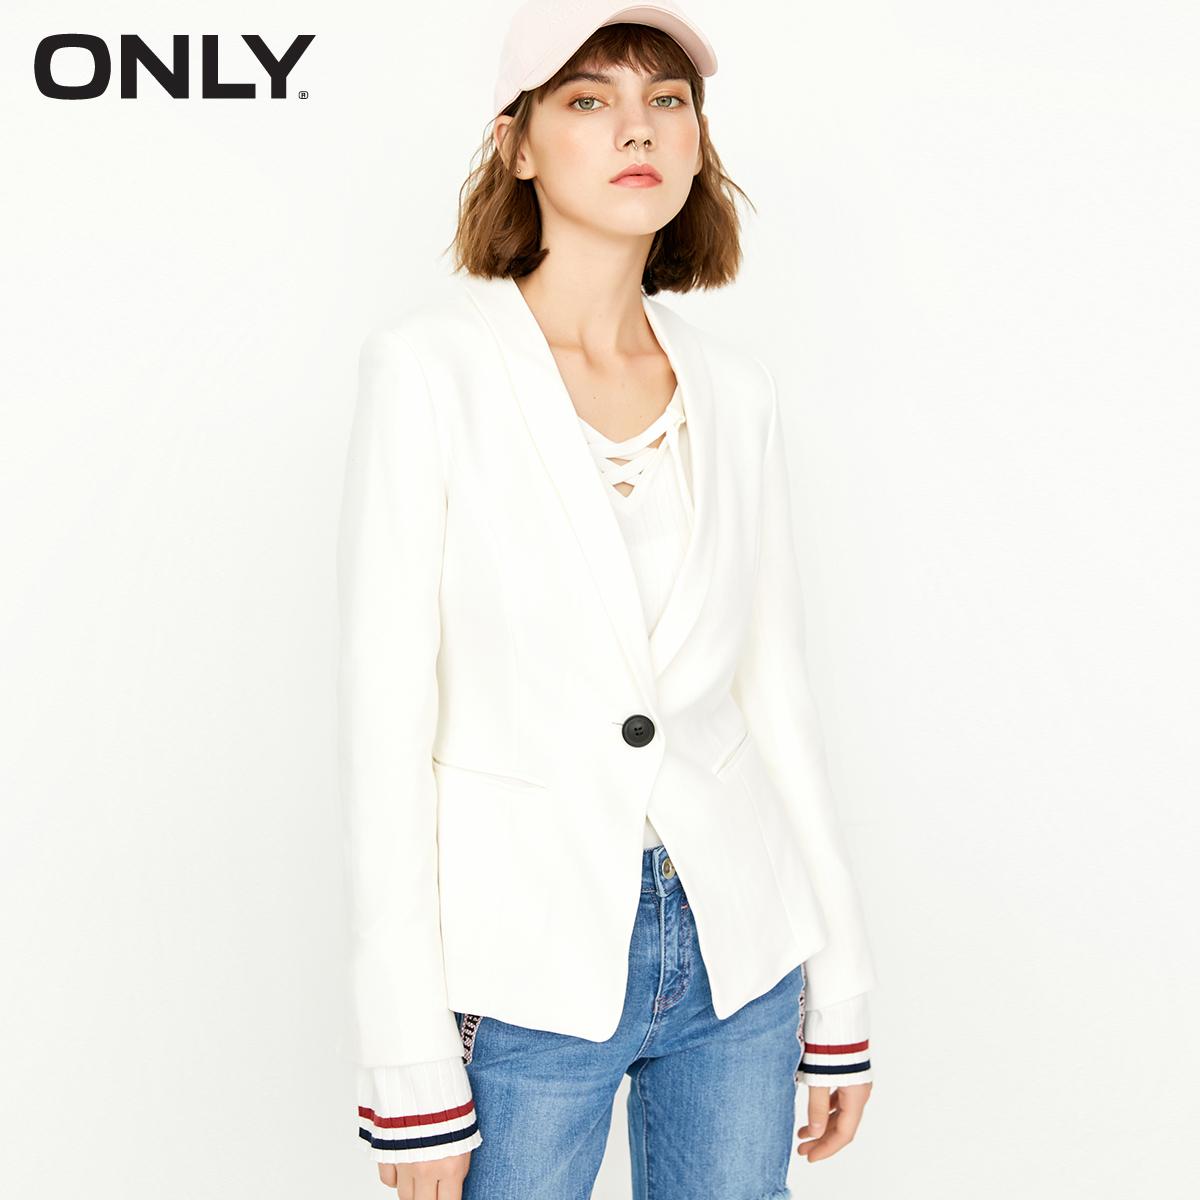 【满500减50】ONLY2017冬季新品袖口修身短款西服女 117308522